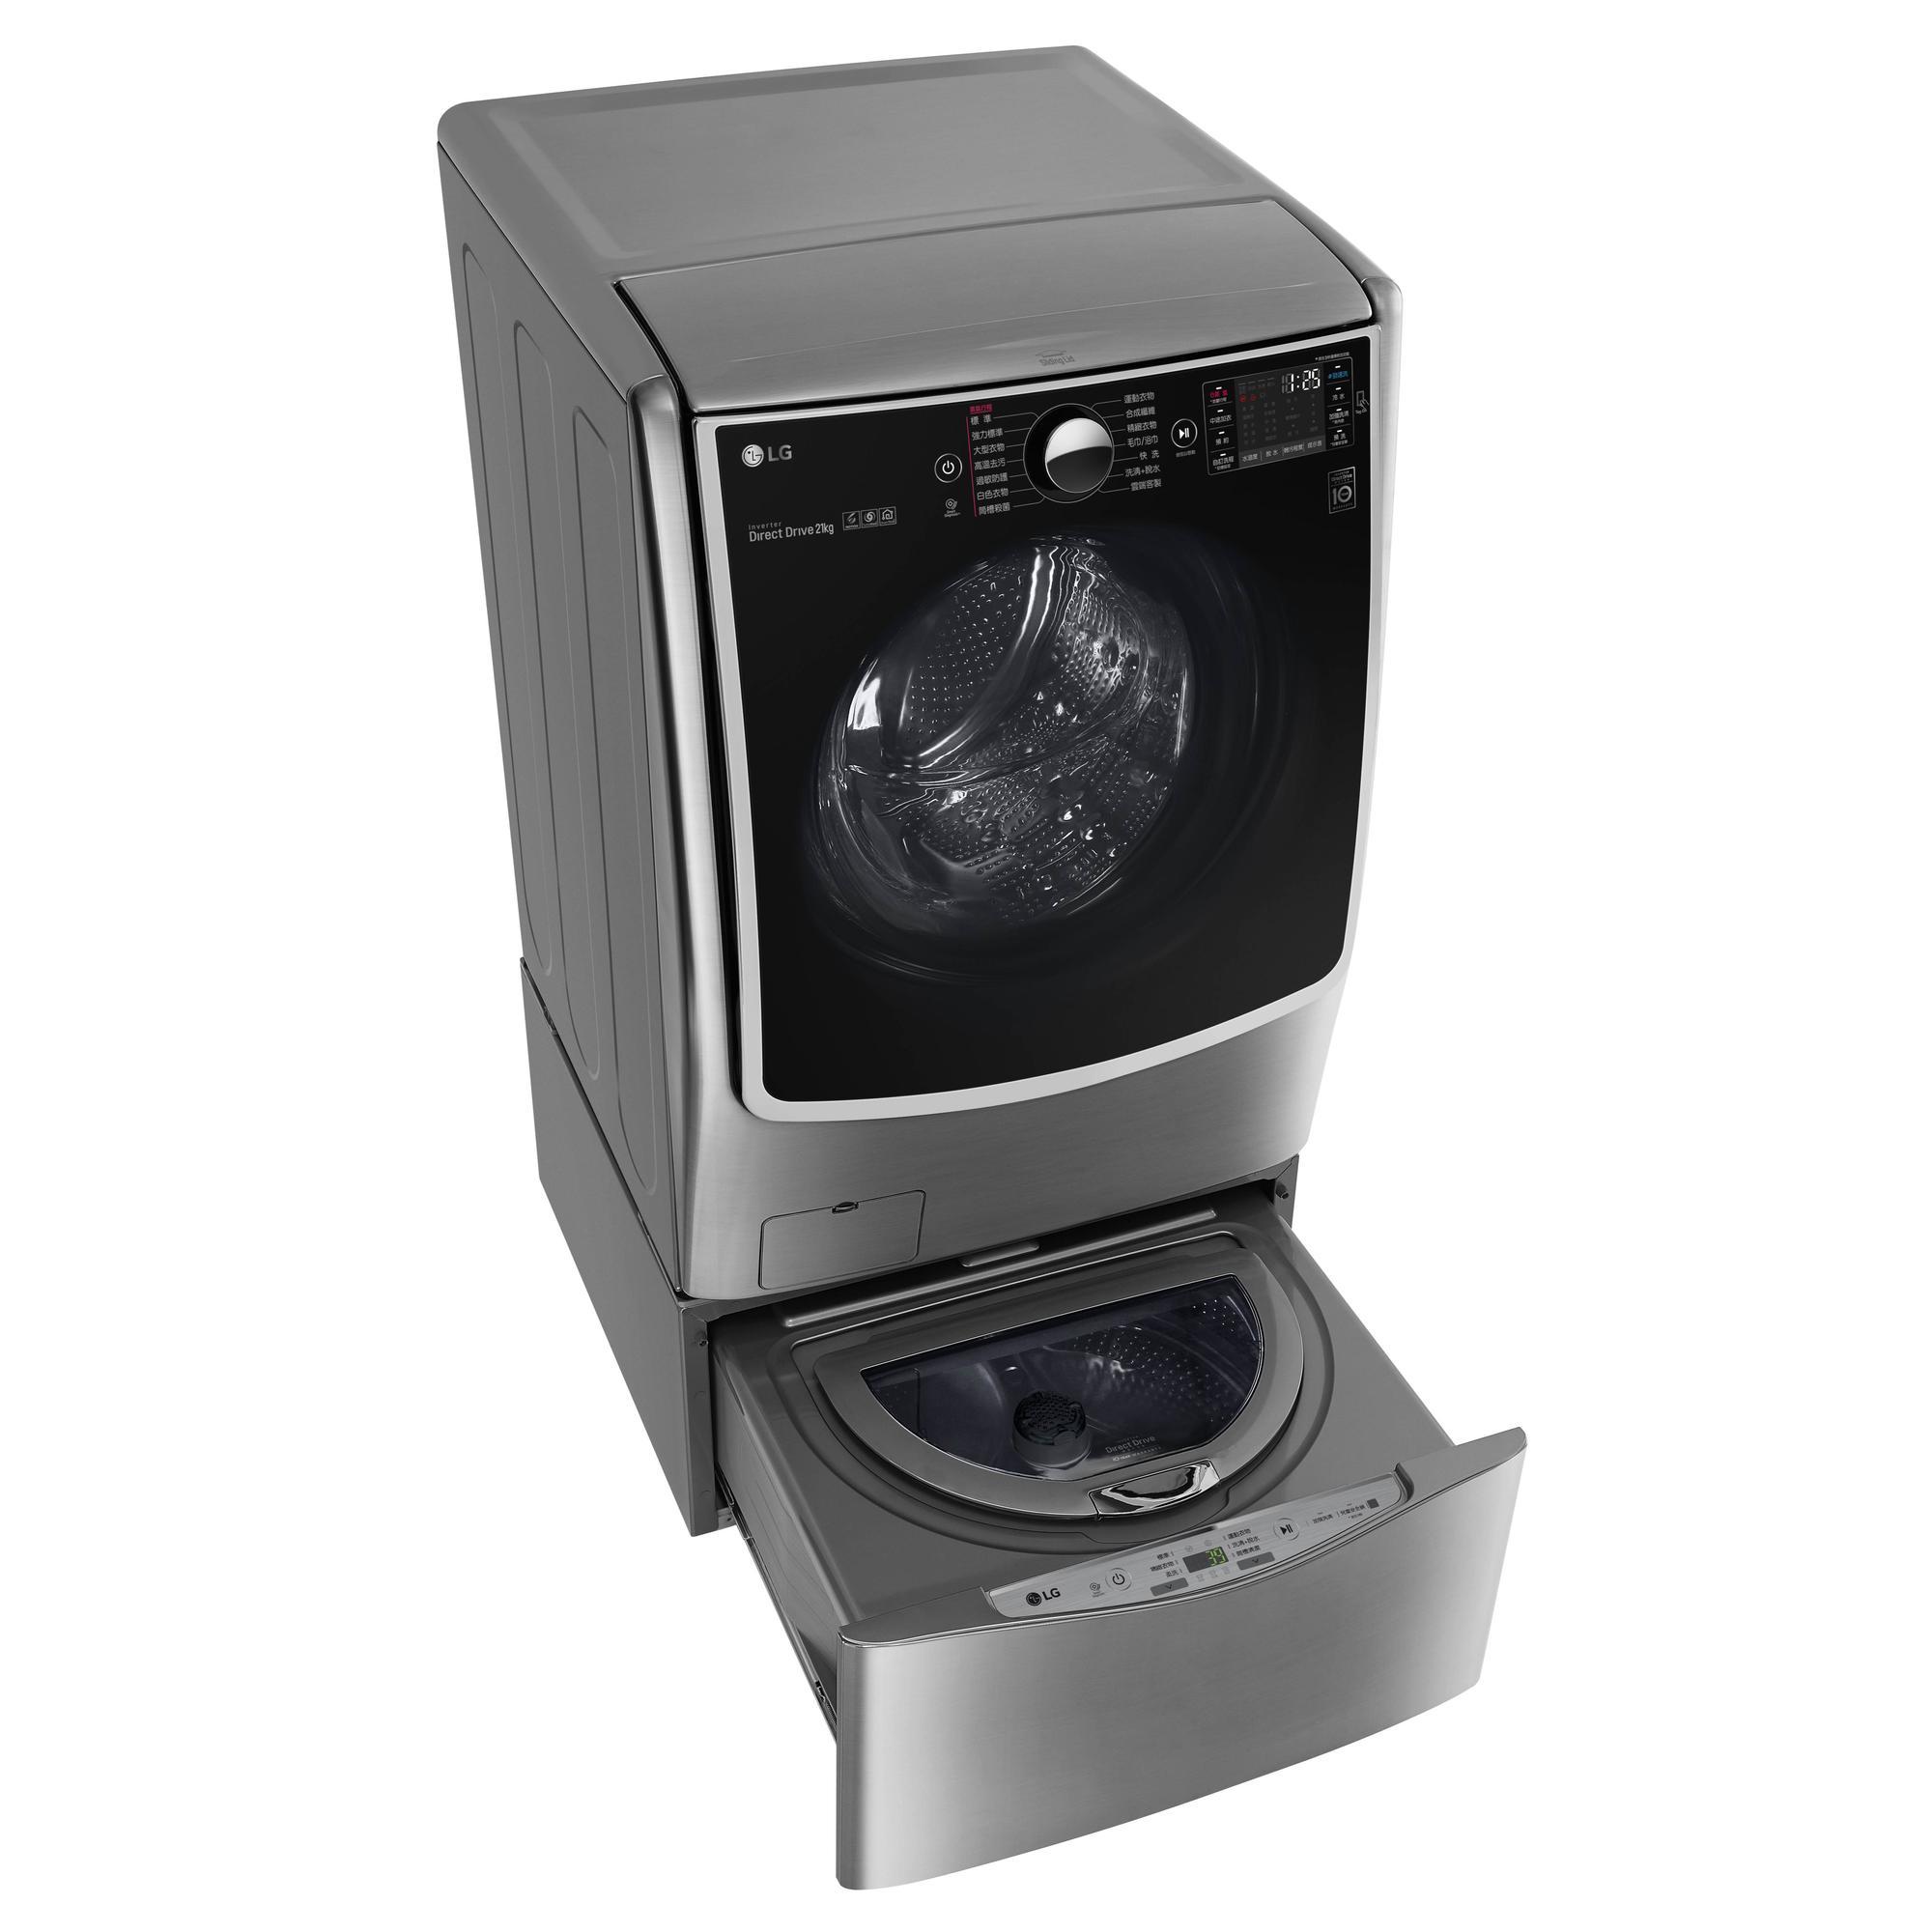 LG, çift yıkama gözüne sahip çamaşır makinesini Türkiye'ye getiriyor